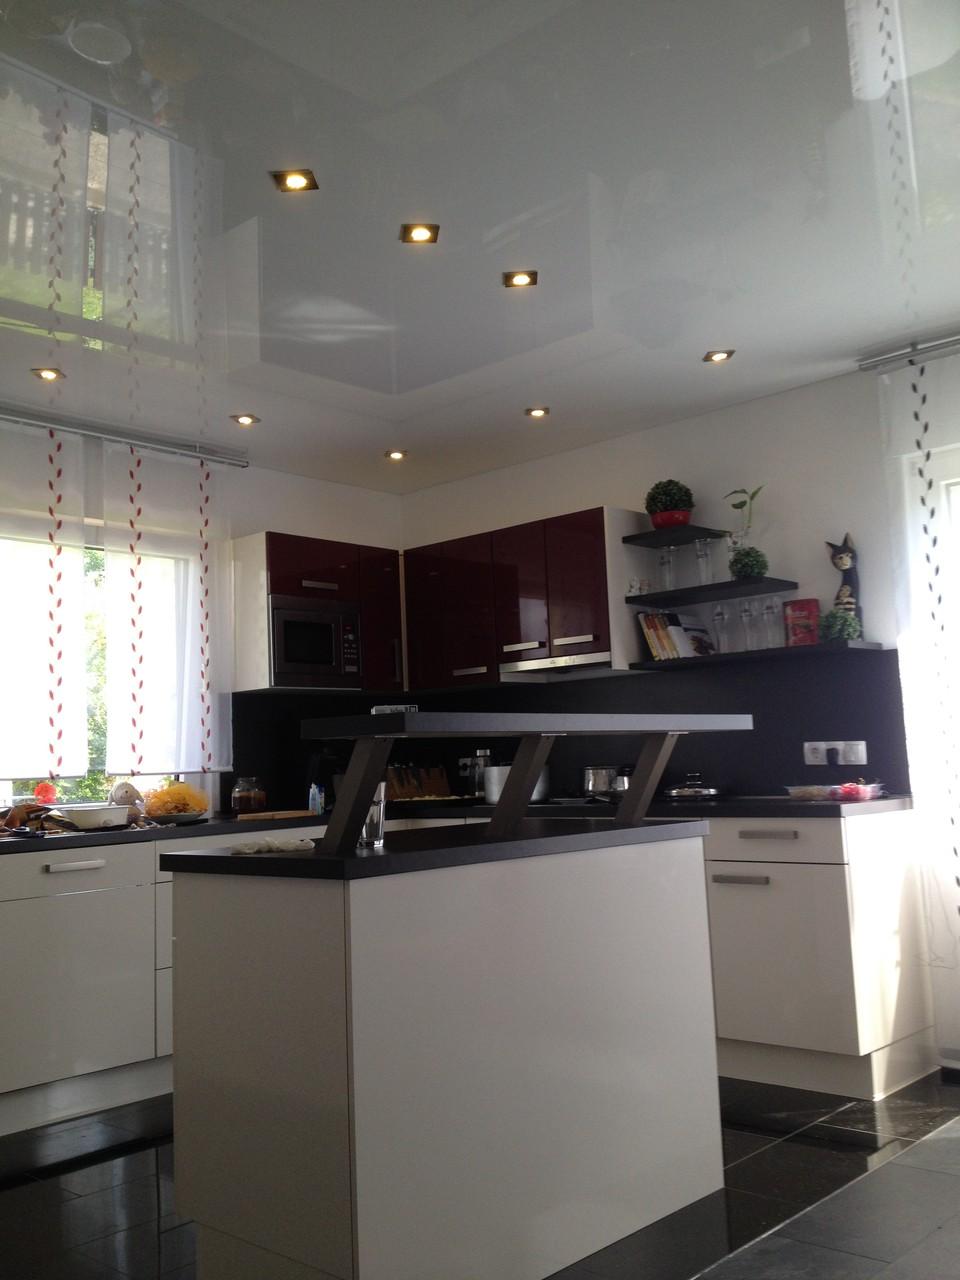 Spanndecke weiß glänzend Wohnzimmer/Küche EFH Unna